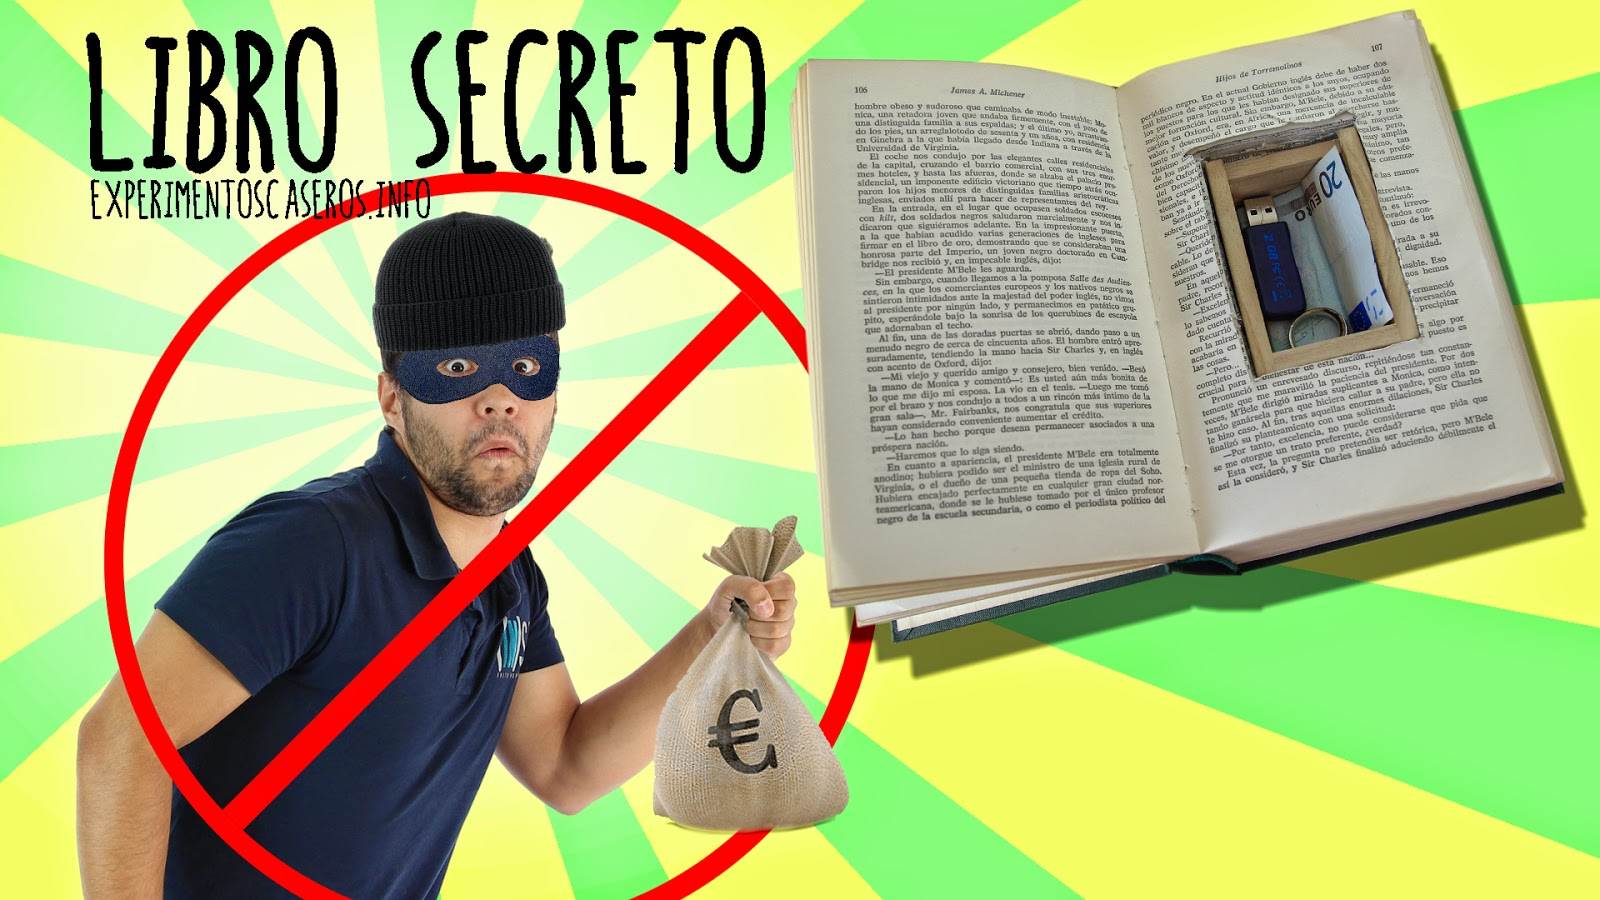 Que no te roben tus objetos personales, escondite secreto en un libro, escondite secreto, cómo hacer un escondite secreto, libro secreto, esconder cosas en un libro, experimentos caseros, experimentos sencillos, experimentos fáciles, experimento caseros, experimento, experimentos para niños, 100cia, 100cia en casa, ciencia, ciencia en casa